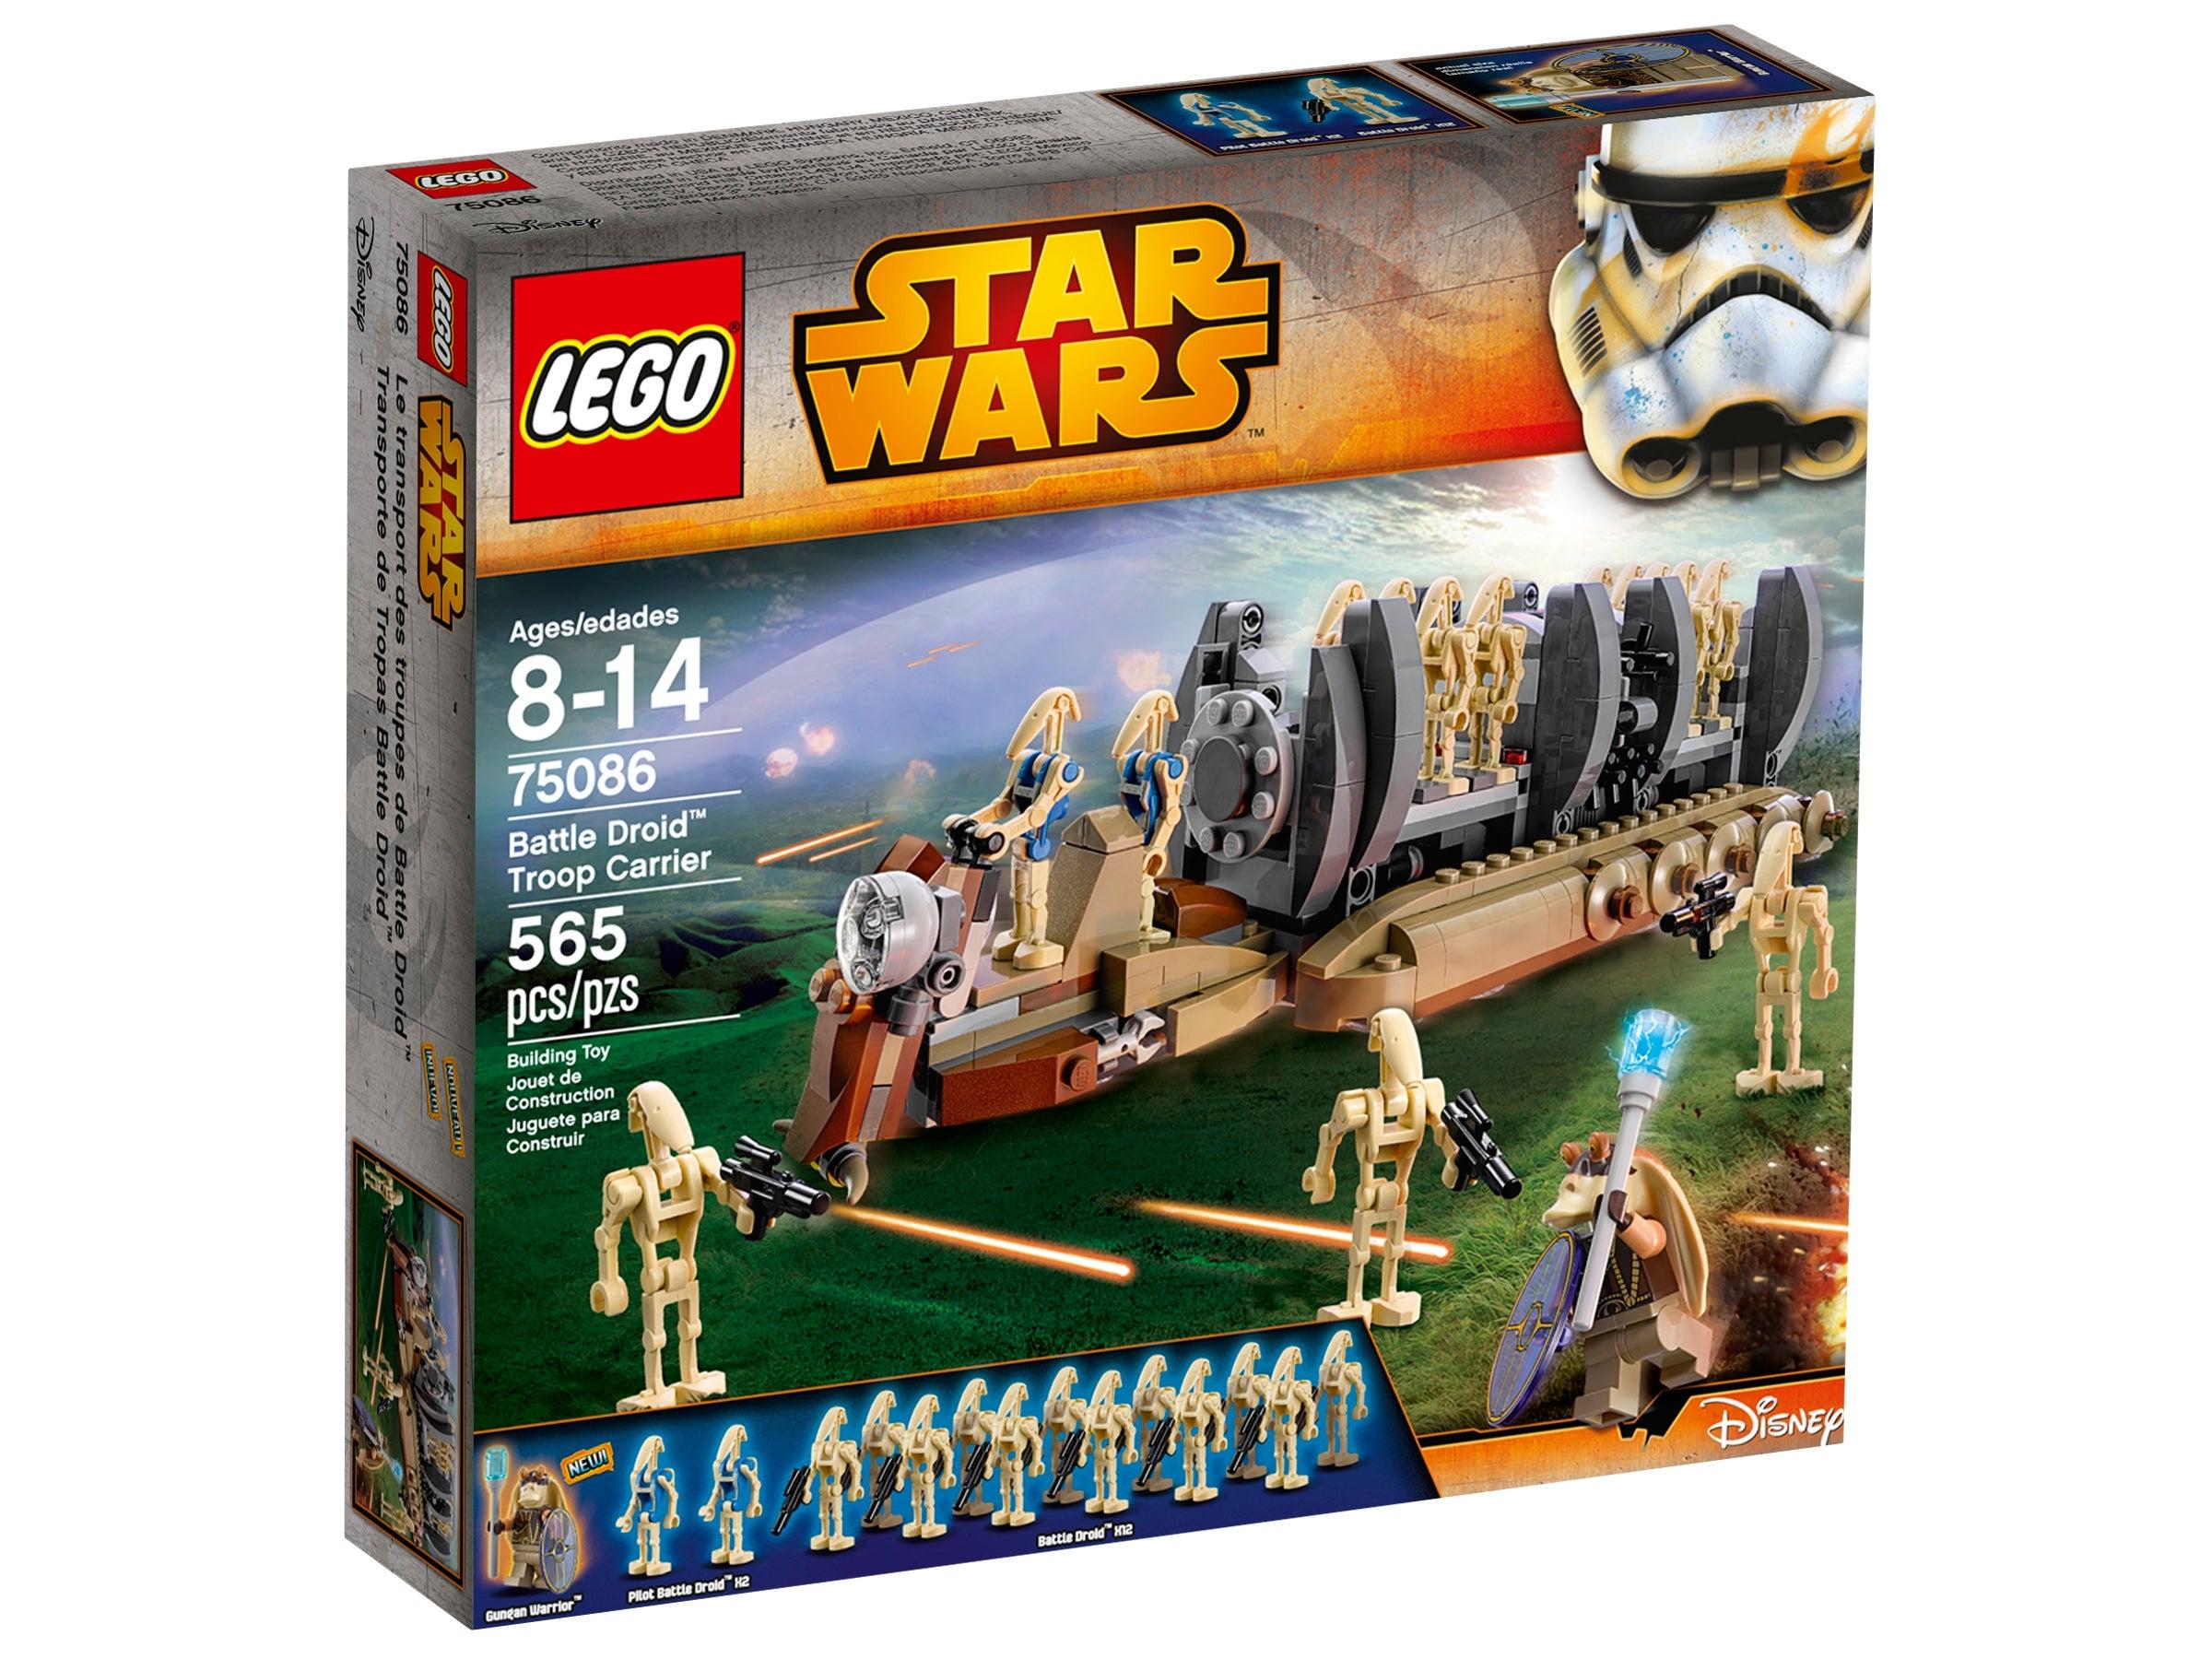 Droide mit Dunkel Roten Oberkörper Lego Star Wars Figur